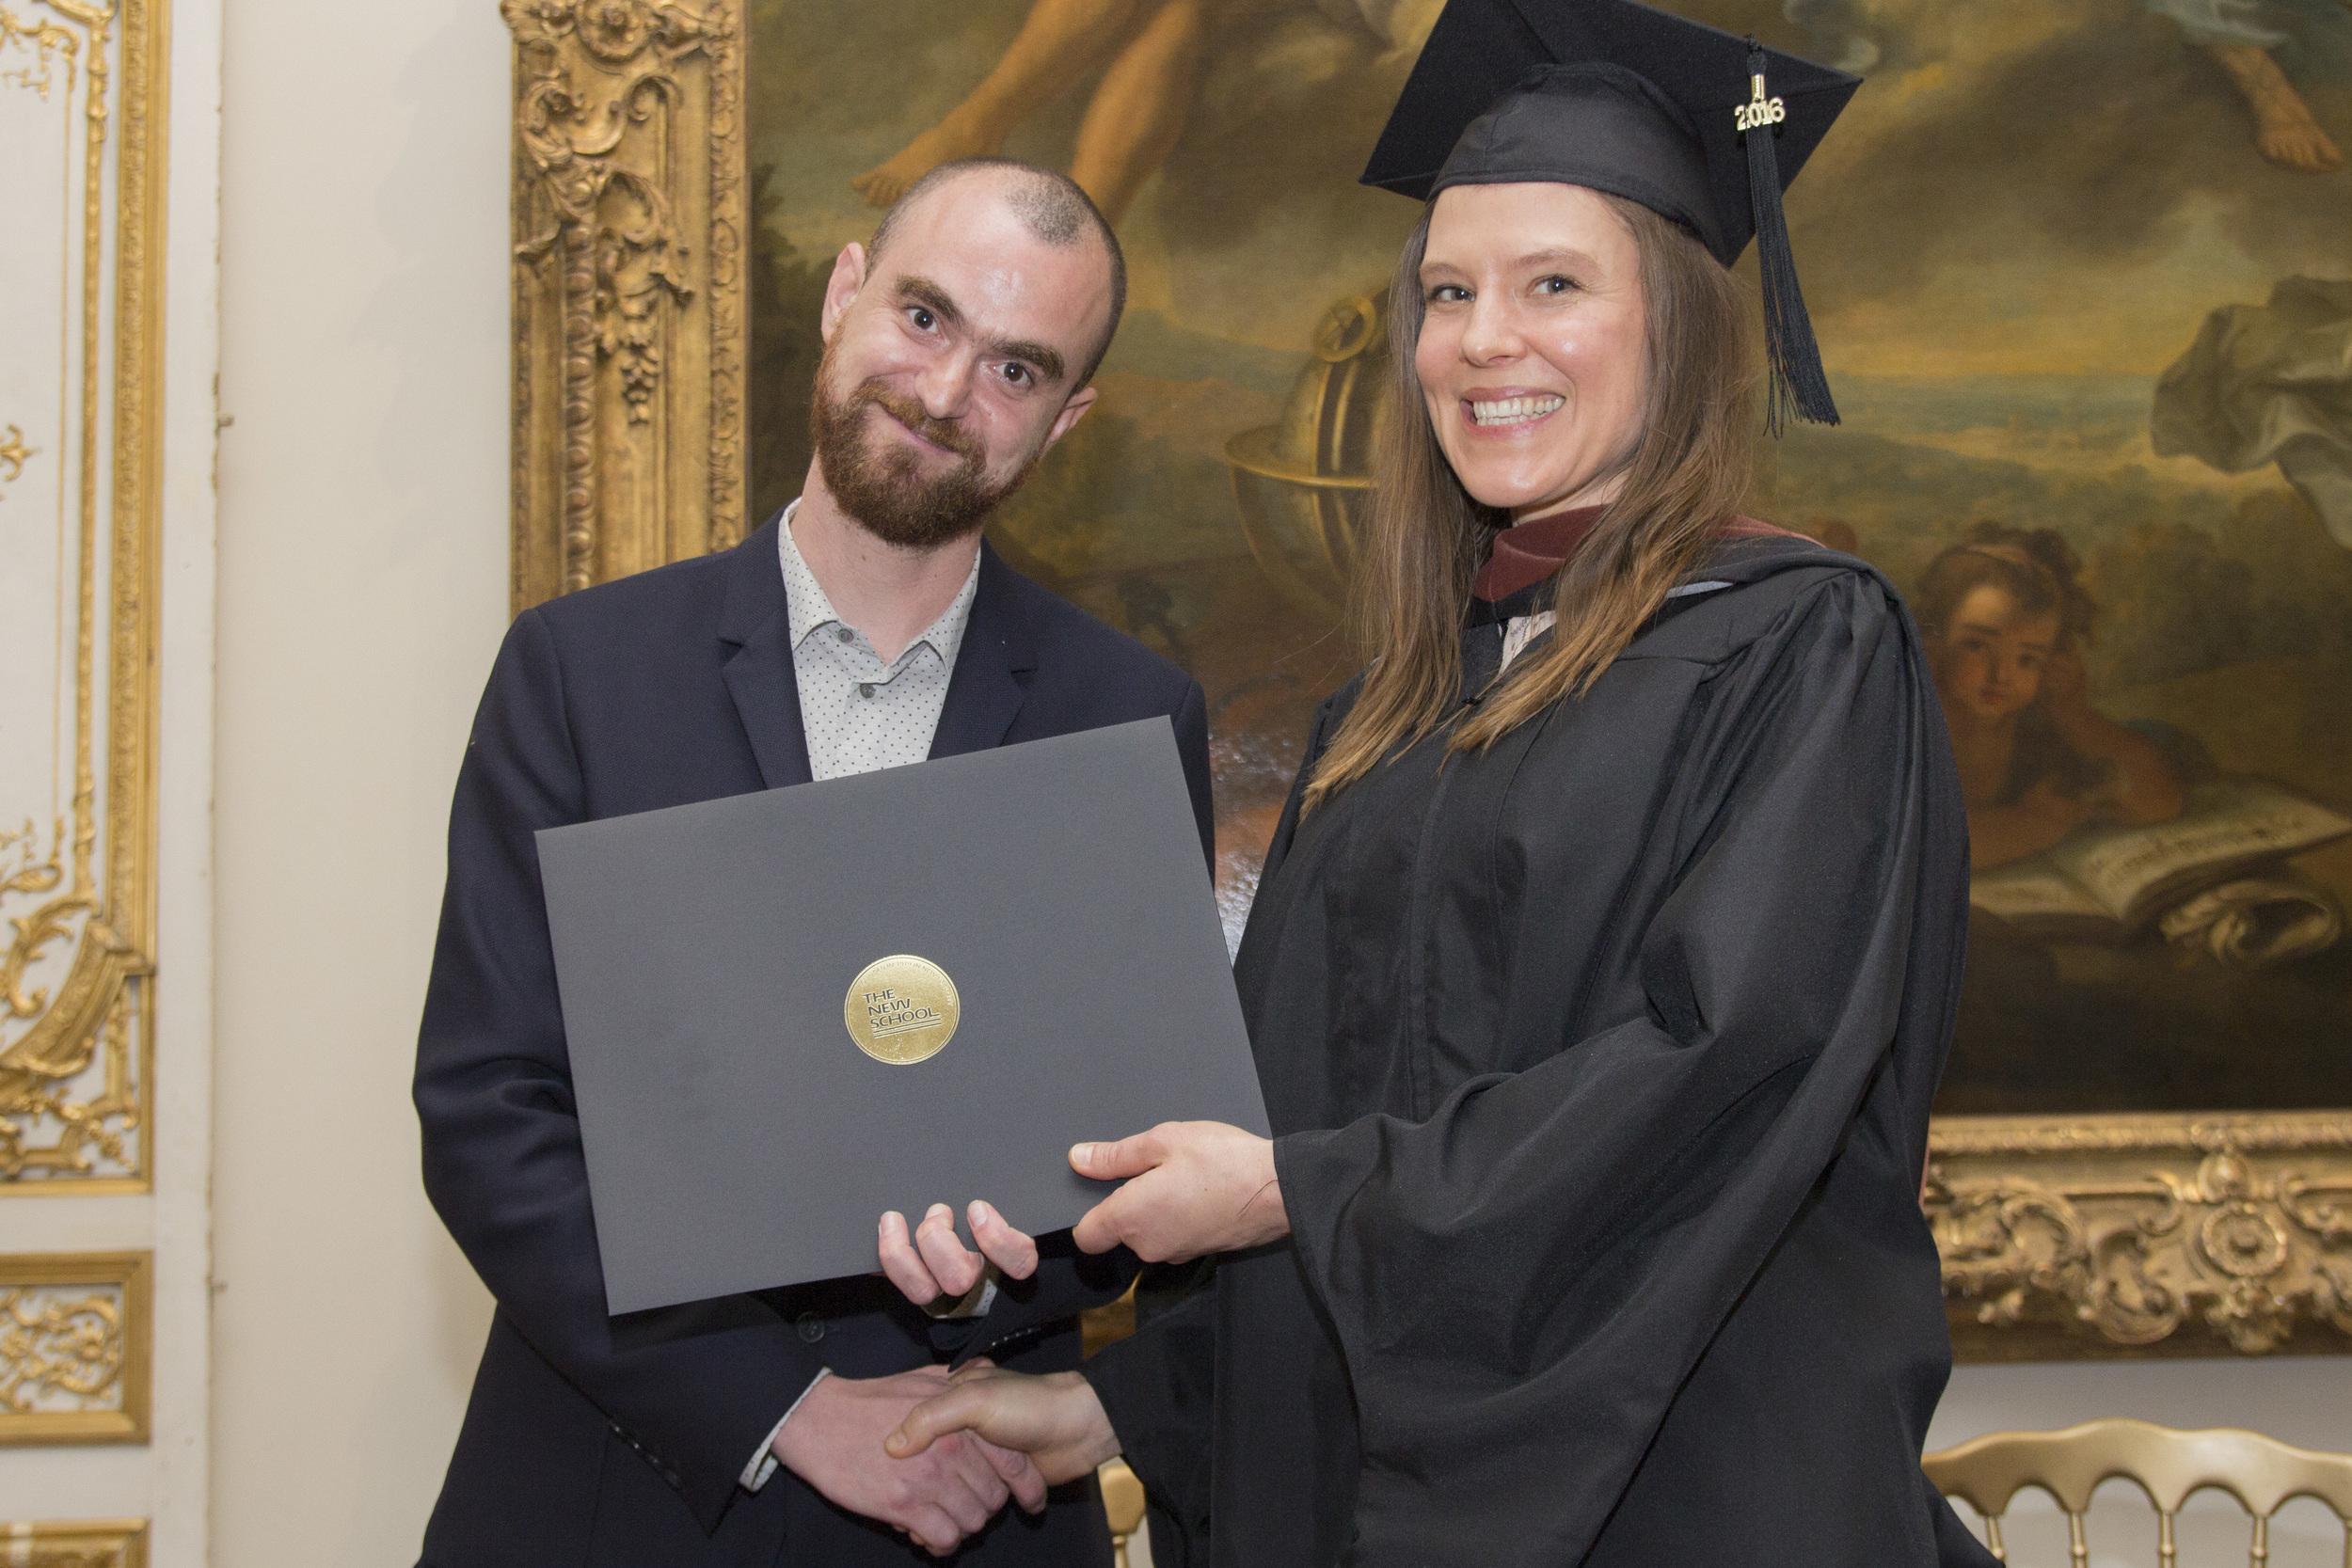 TNS_ParsonsParis_Graduation_103.jpg